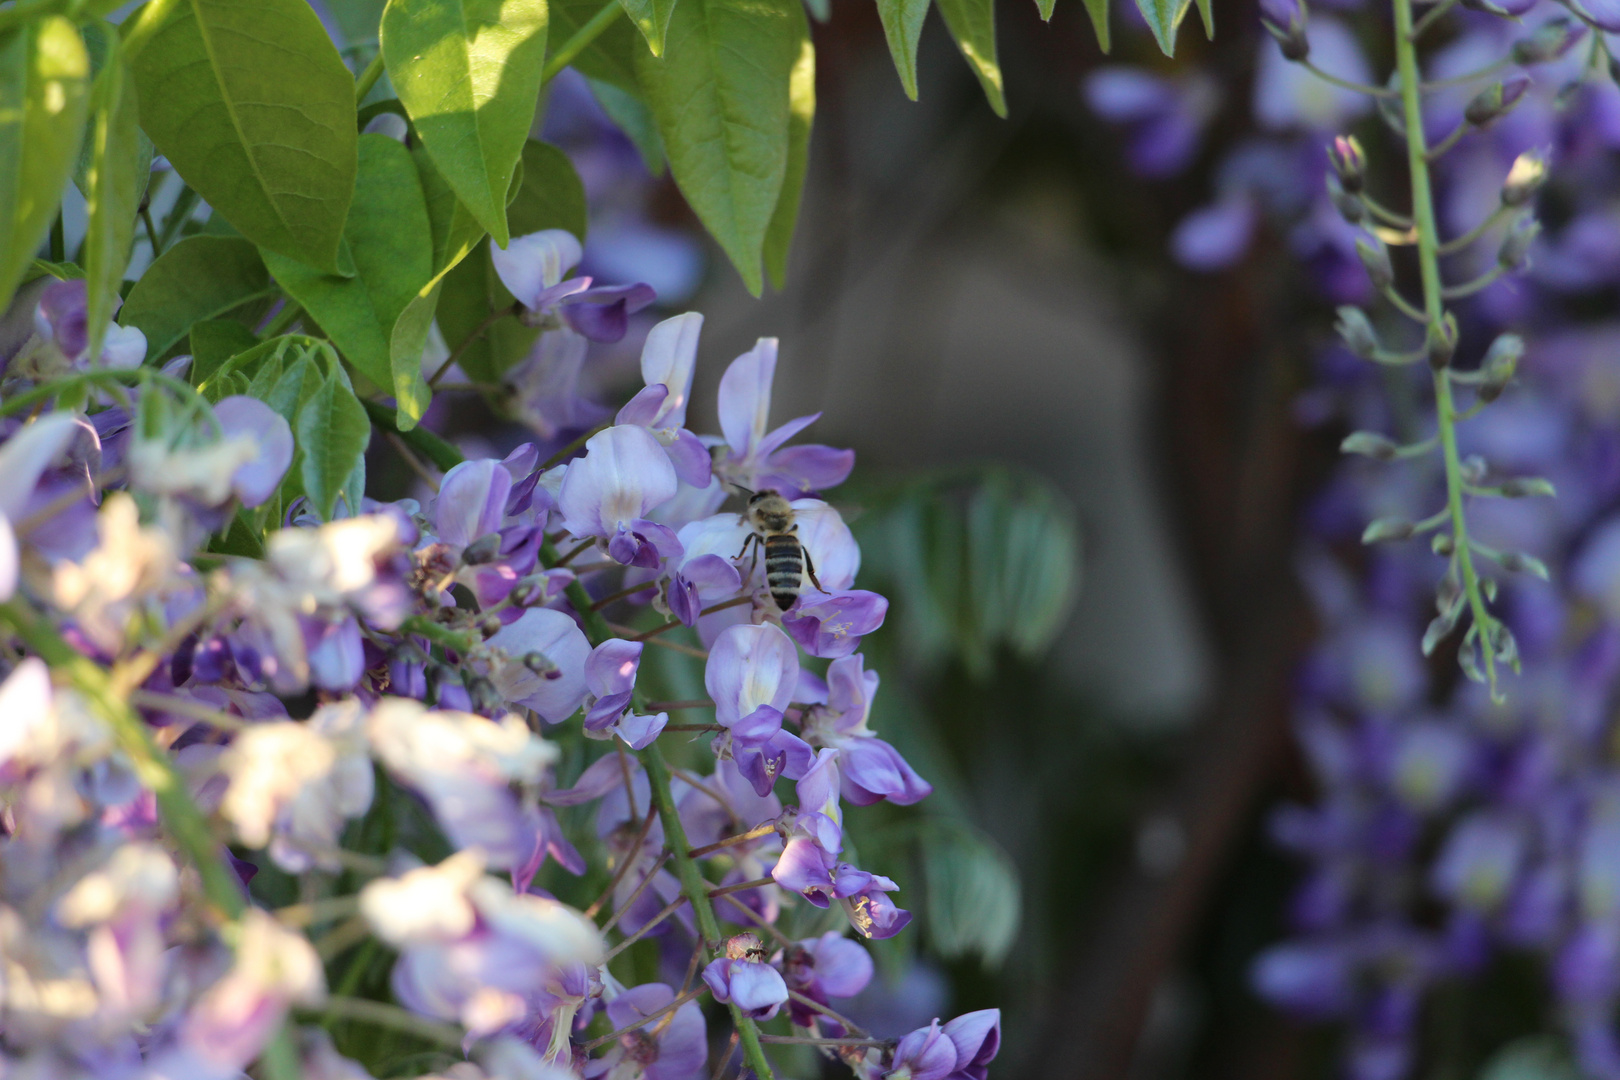 Fleisiges Bienchen